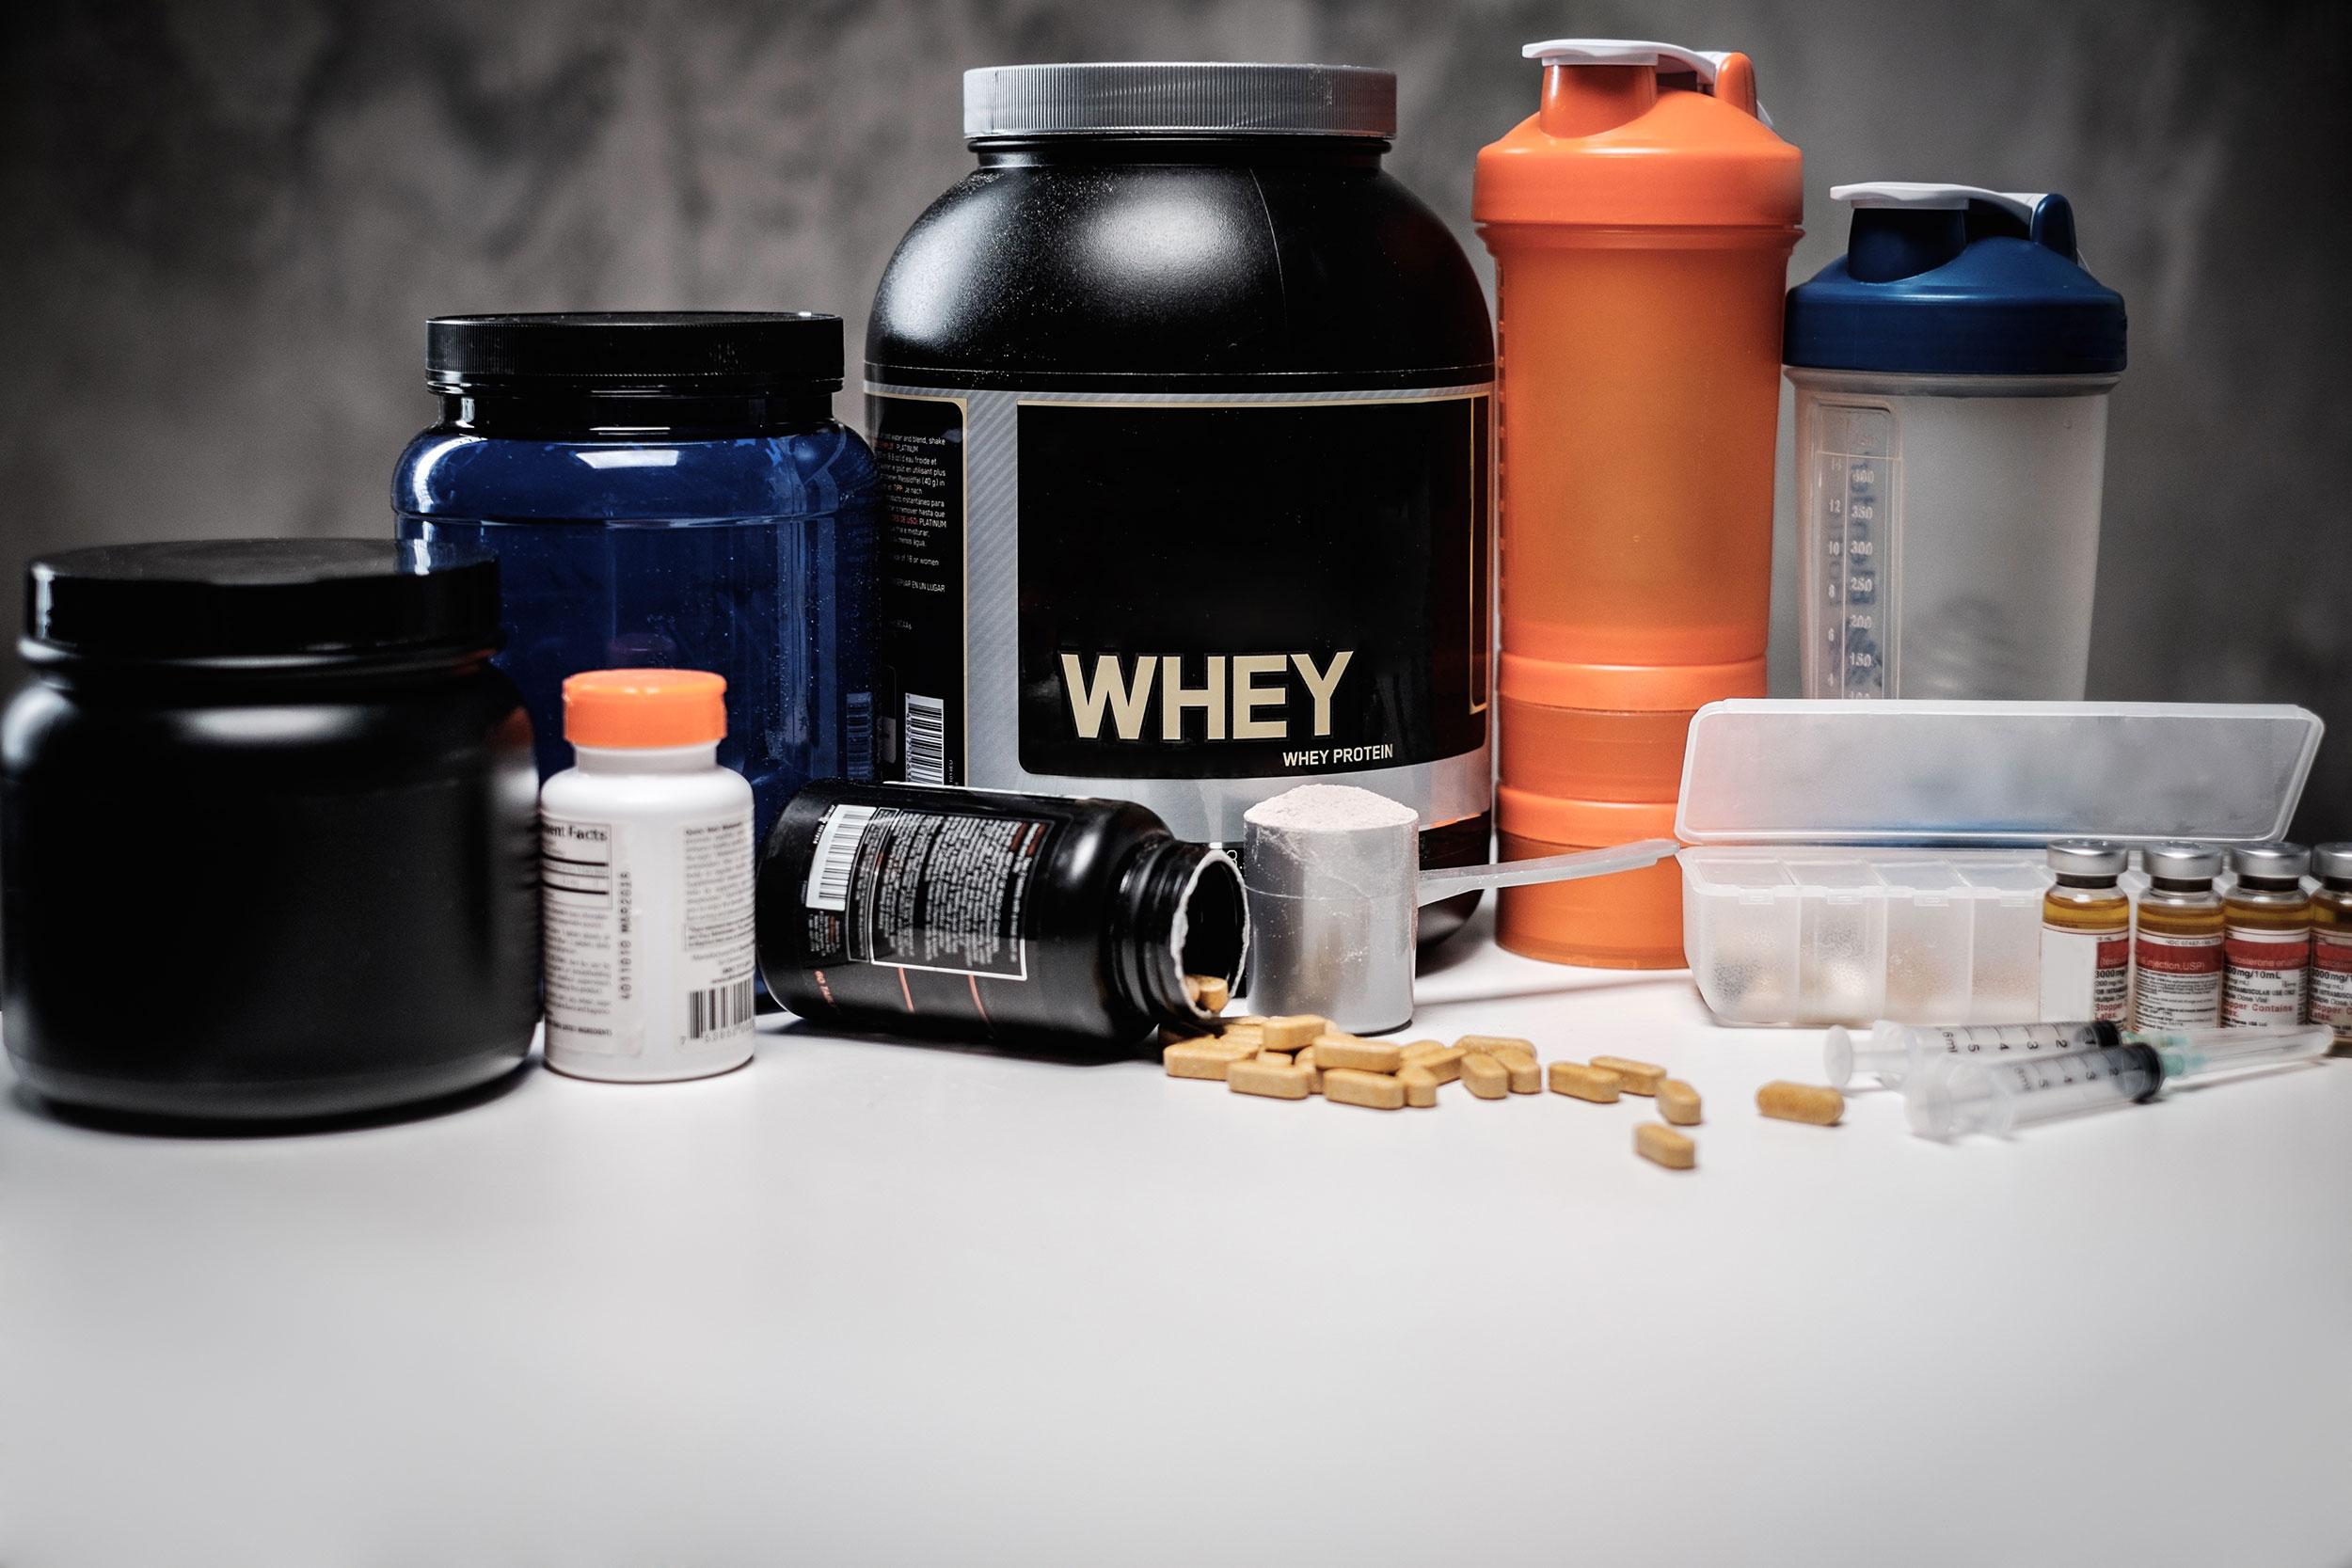 Какой протеин лучше для набора массы худым? гейнер —плюсы и минусы